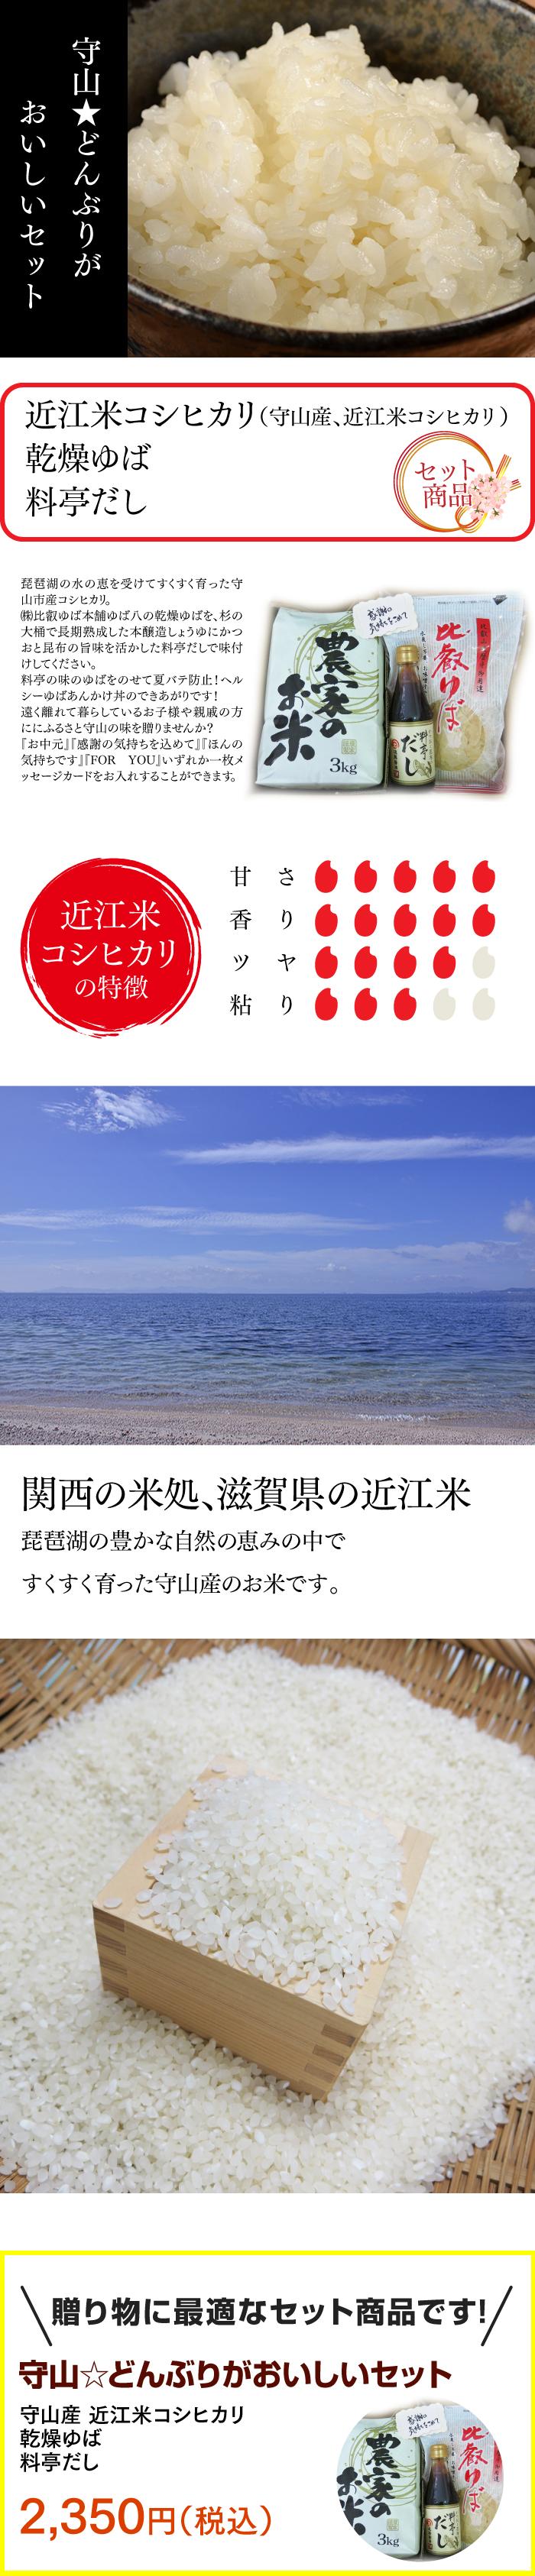 関西の米処、滋賀県の近江米 琵琶湖の豊かな自然の恵みの中で すくすく育った守山産のお米です。